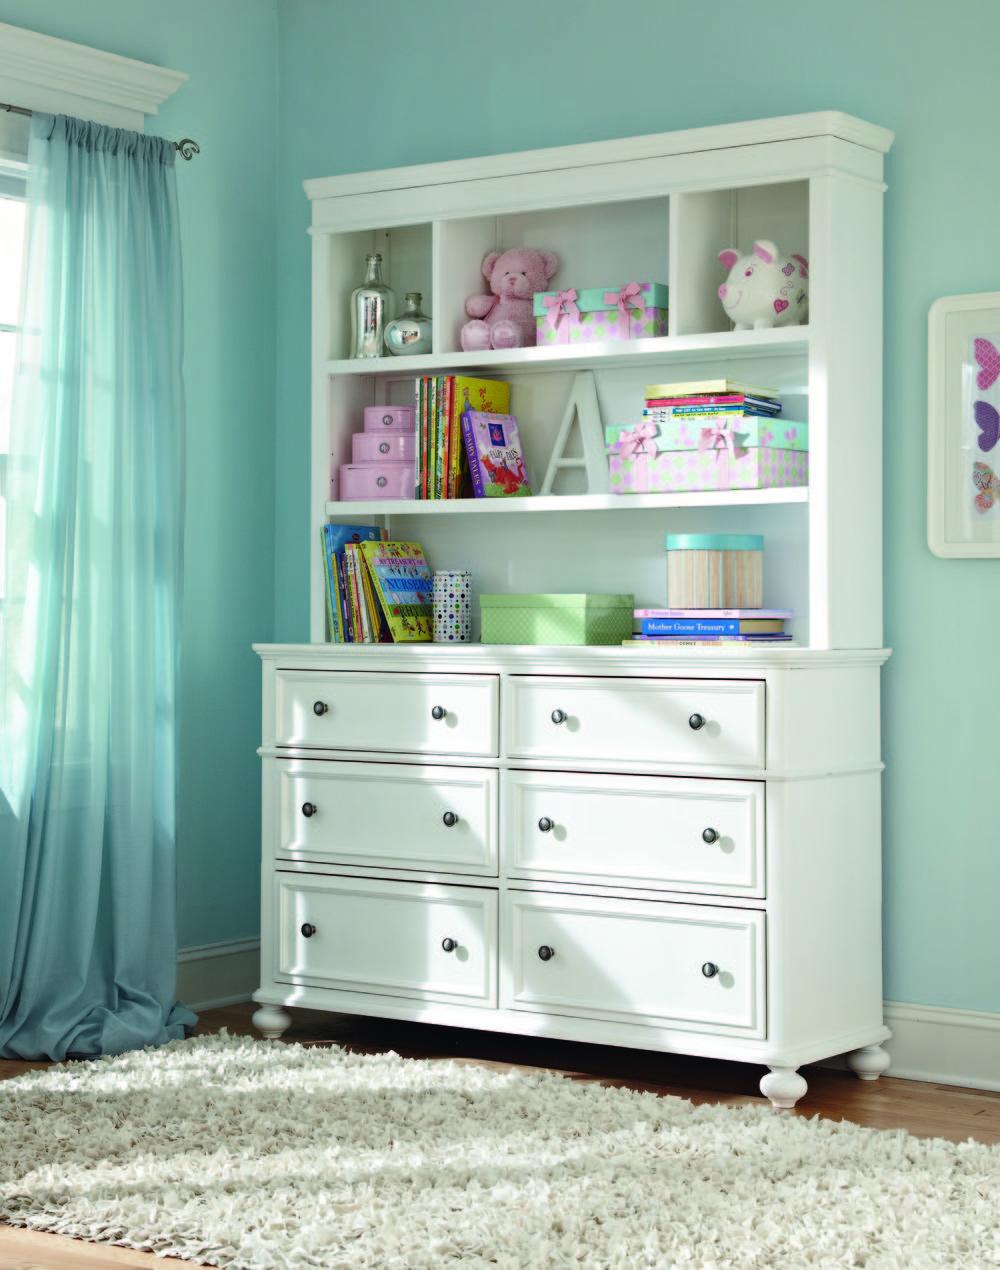 Legacy Classic Furniture - Dresser and Hutch